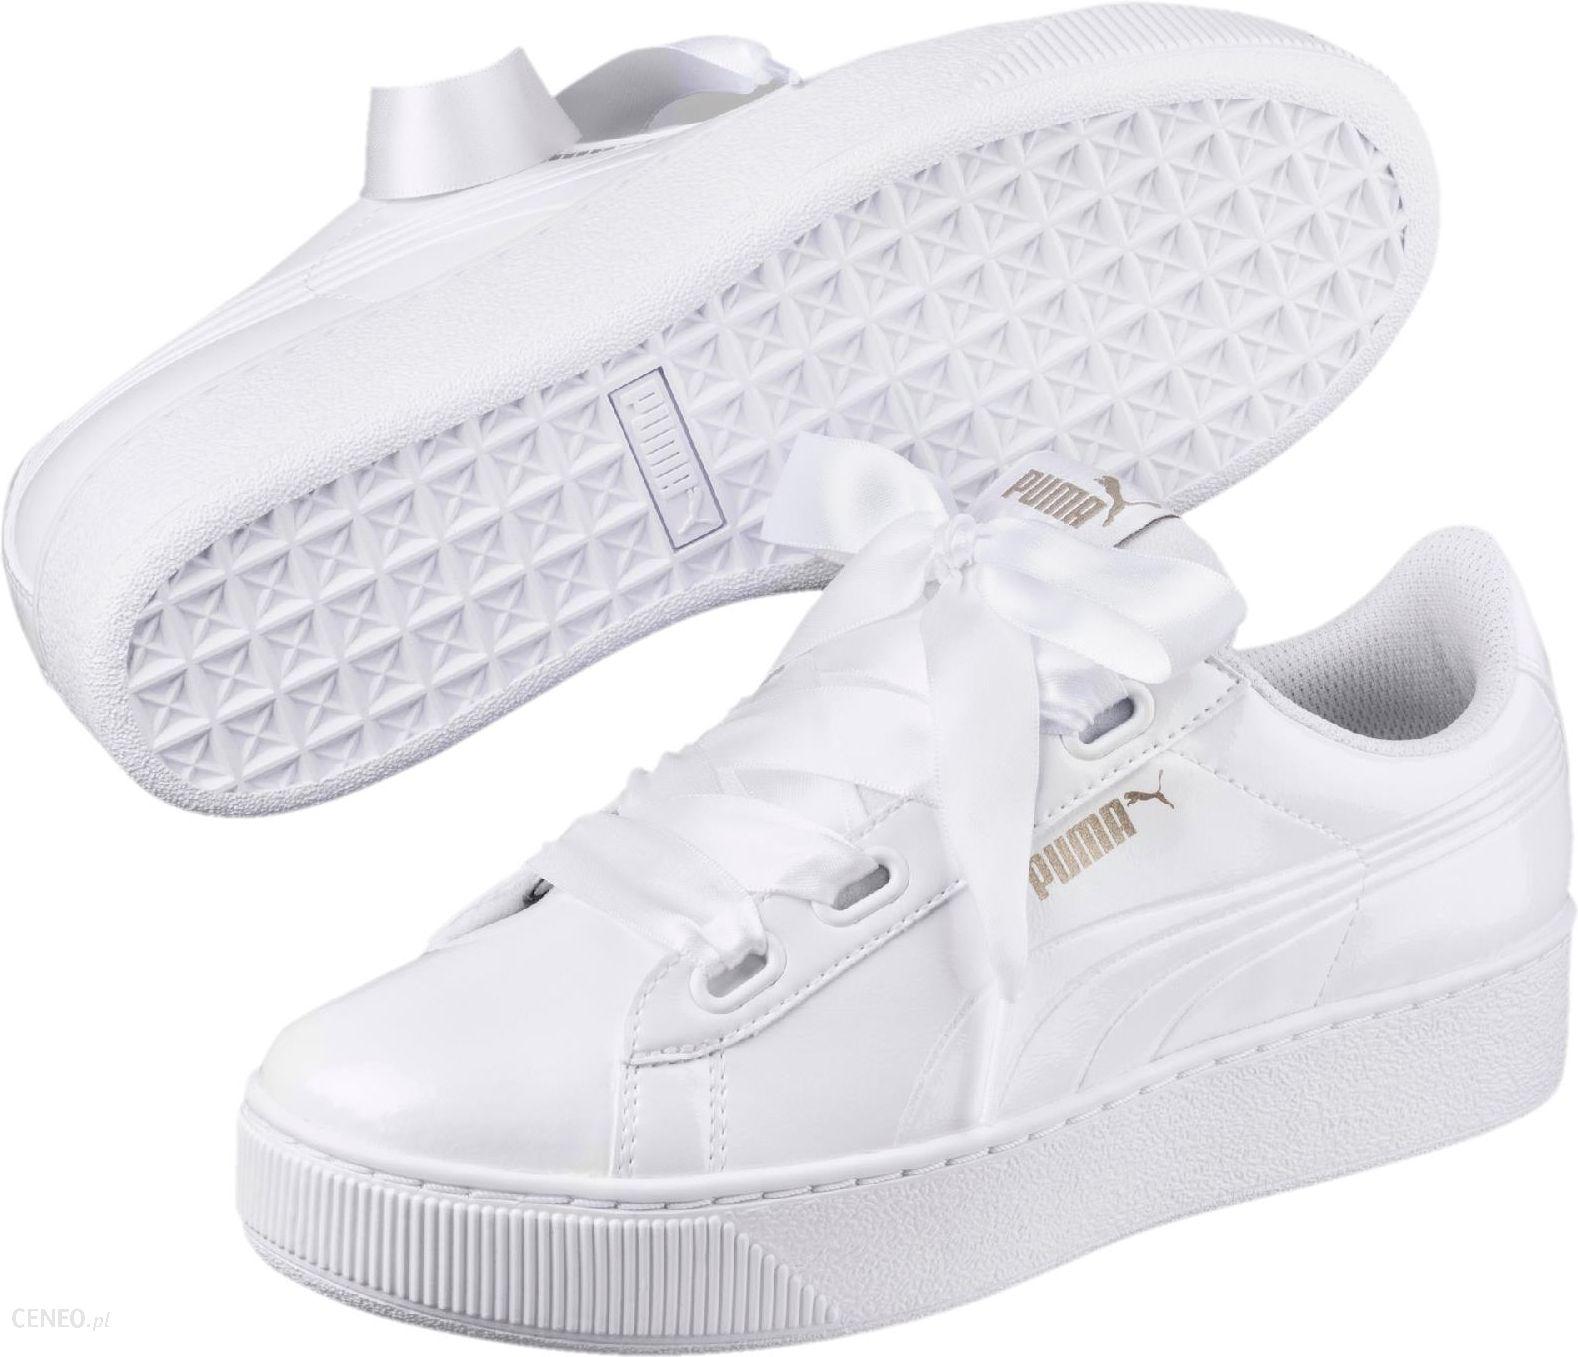 Puma damskie buty Vikky Ribbon P White 37, kolor biały